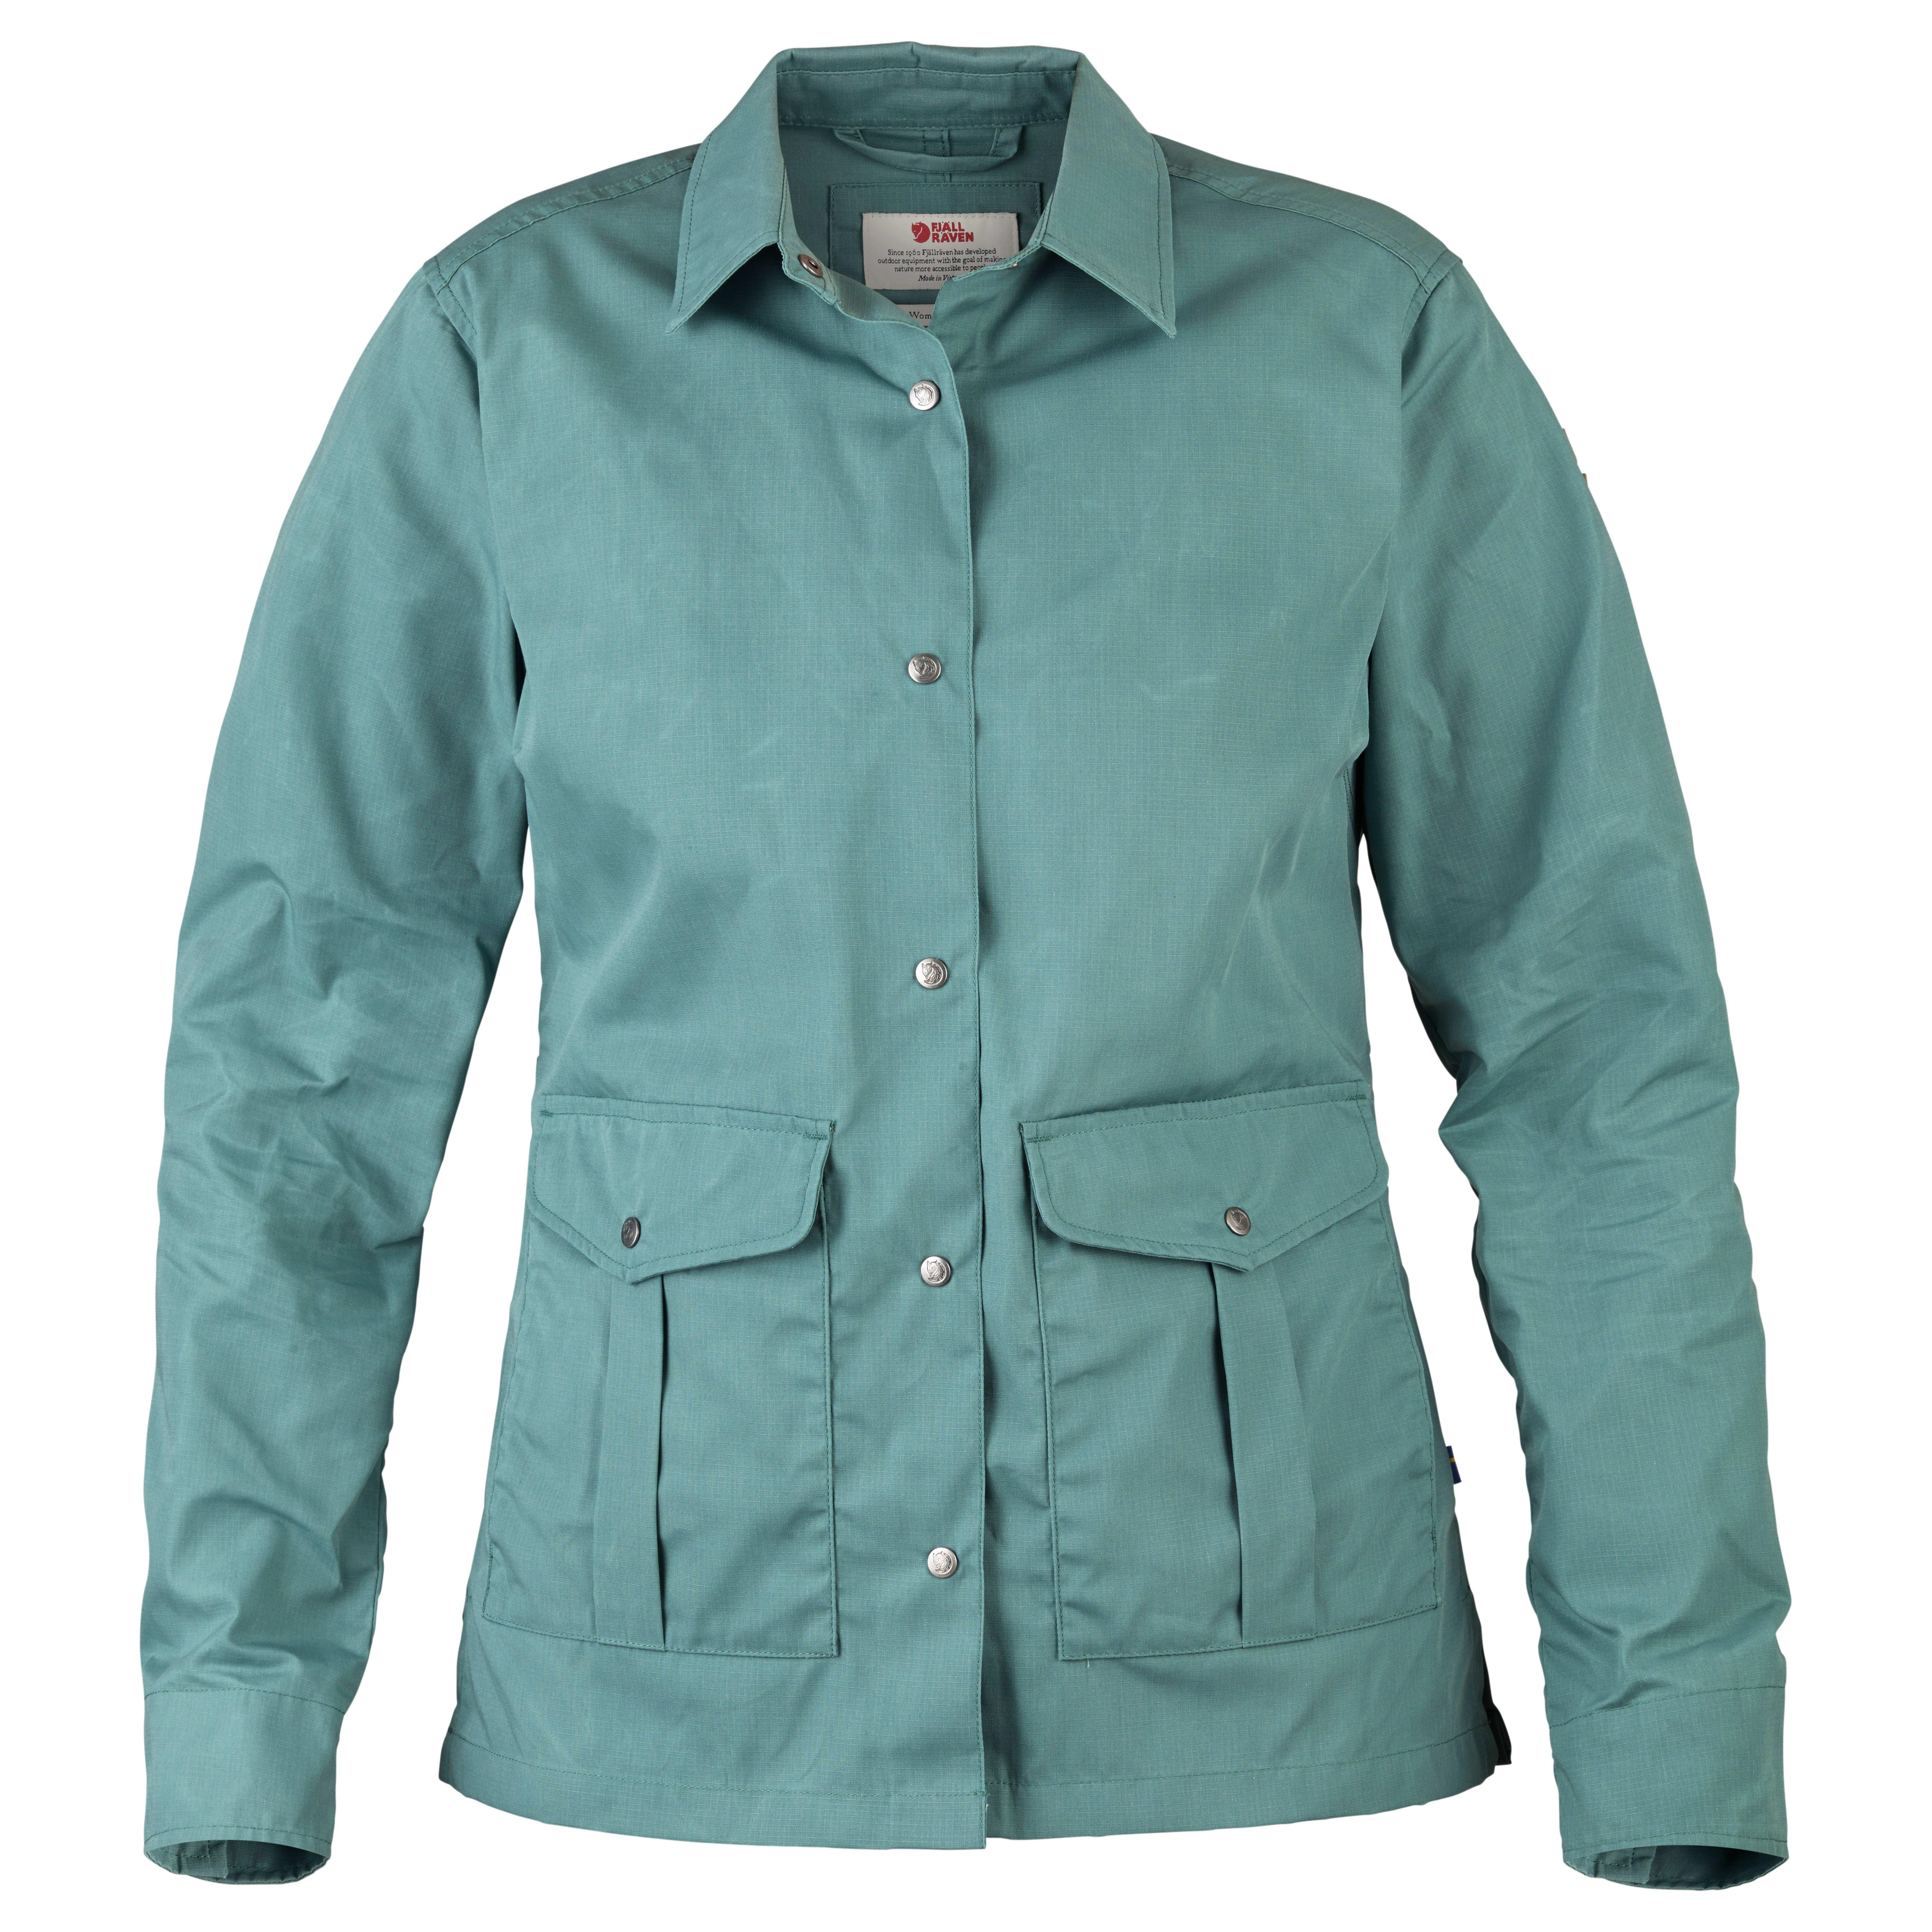 Fjällräven Greenland Shirt Jacket (Dam)